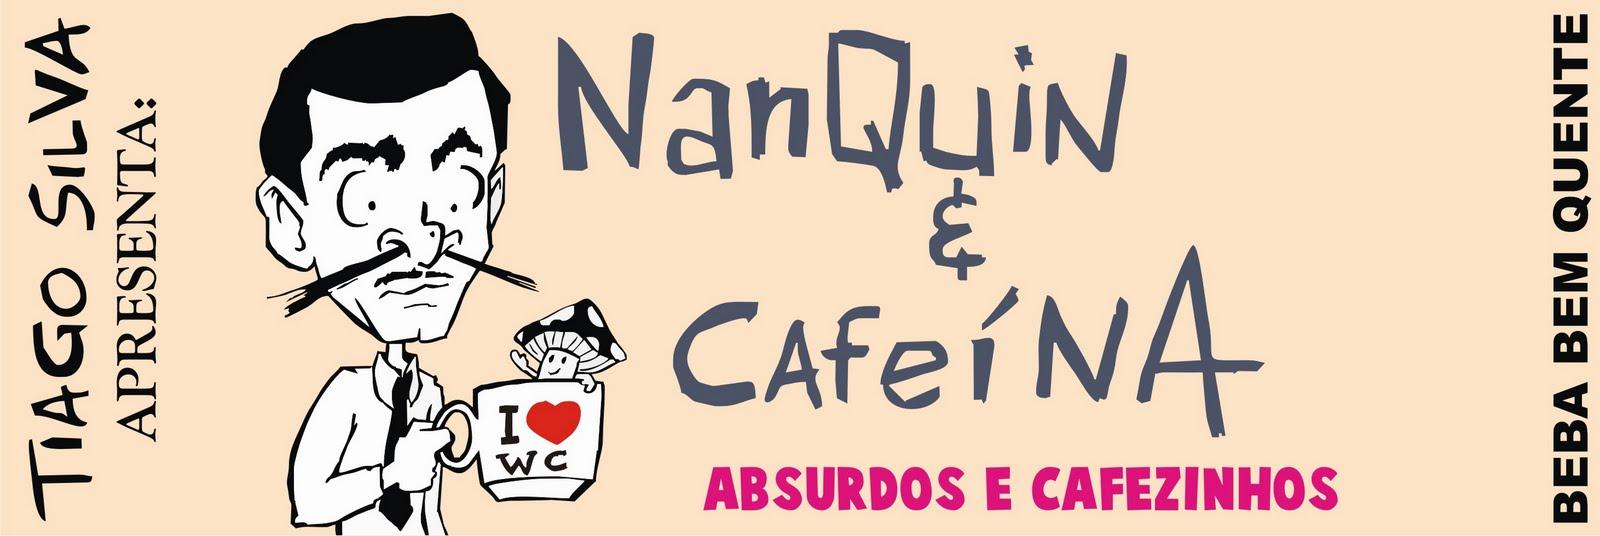 Nanquim e Cafeína